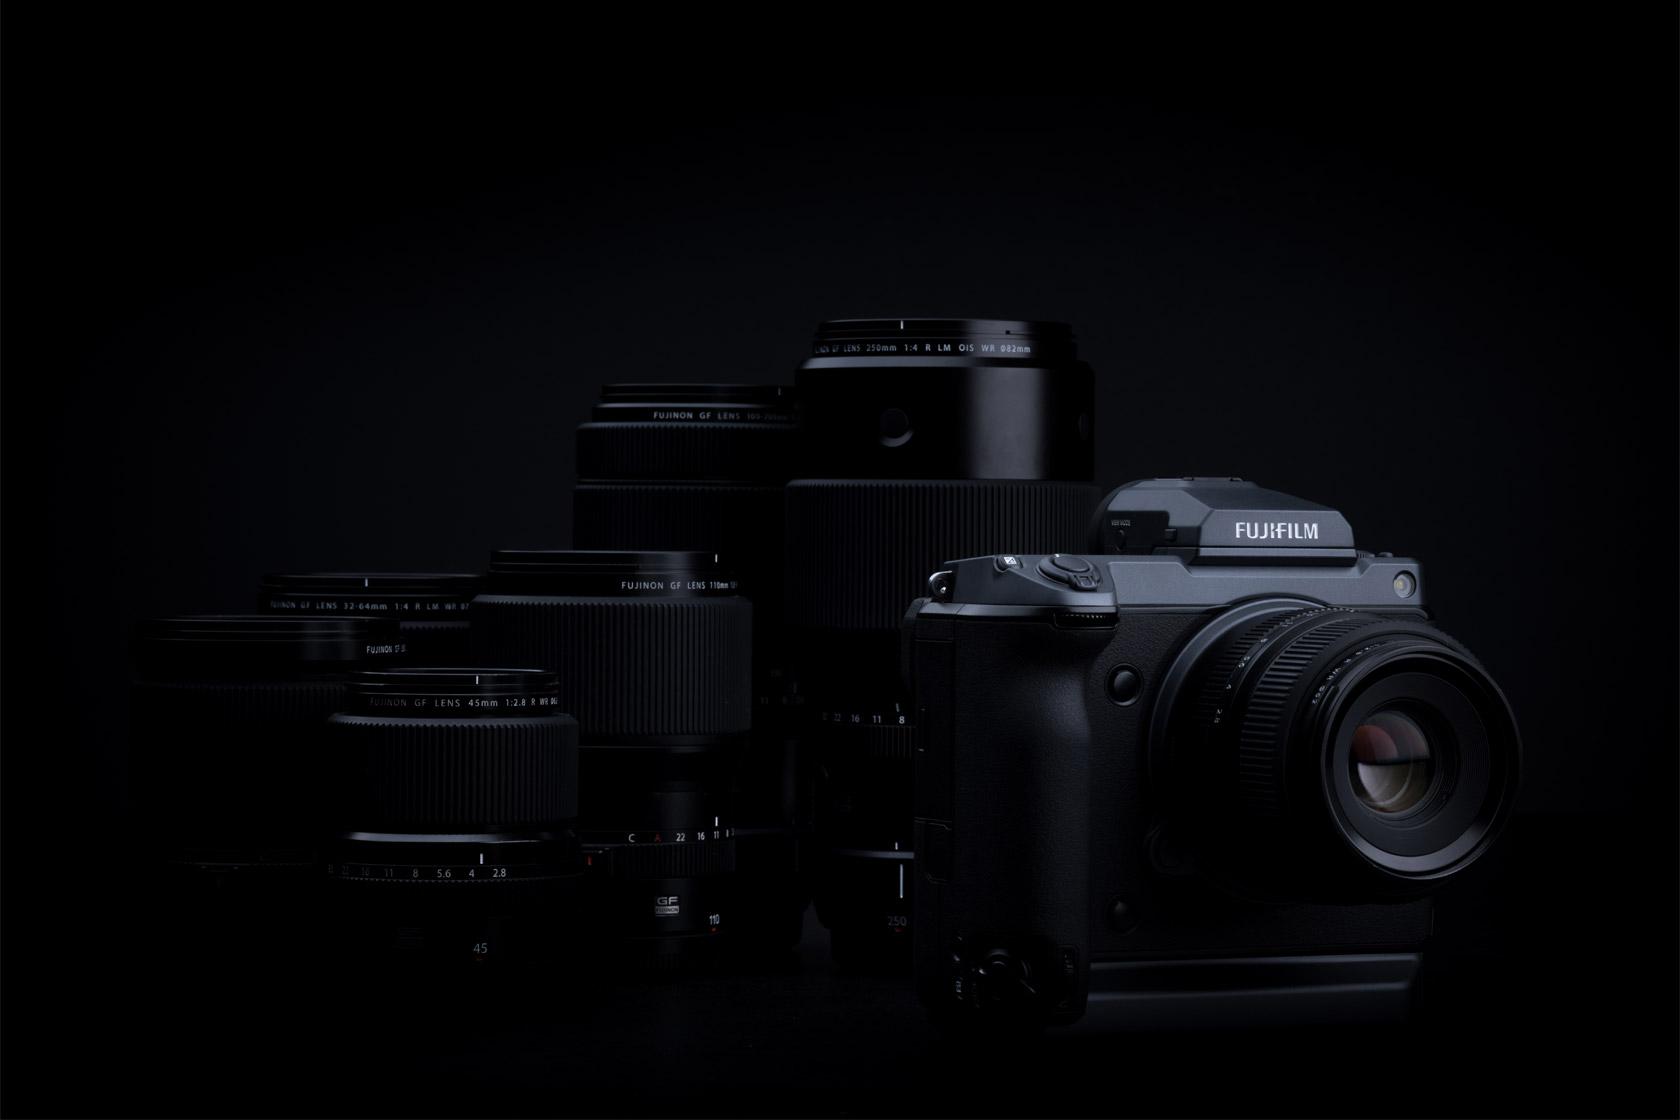 [ภาพ] กล้อง Fujifilm GFX อยู่ด้านหน้าเลนส์ที่เข้ากันได้